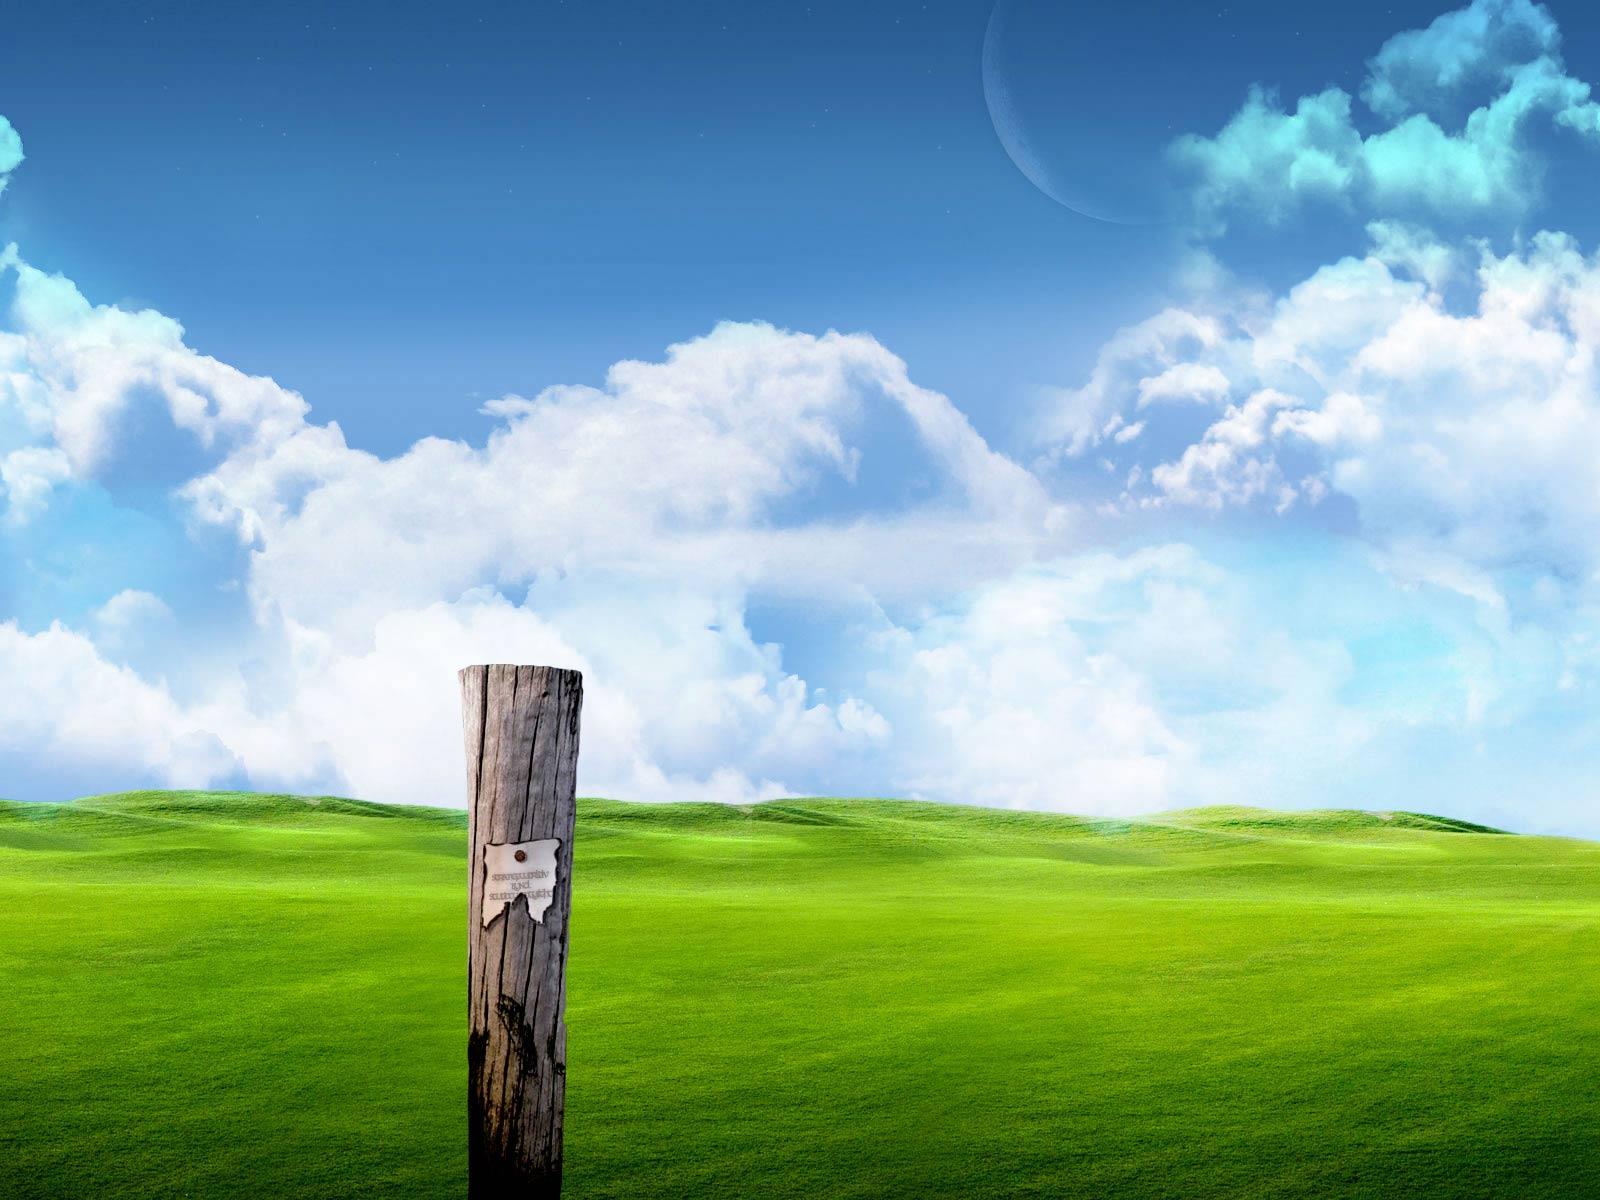 wallpapers for desktop 3d